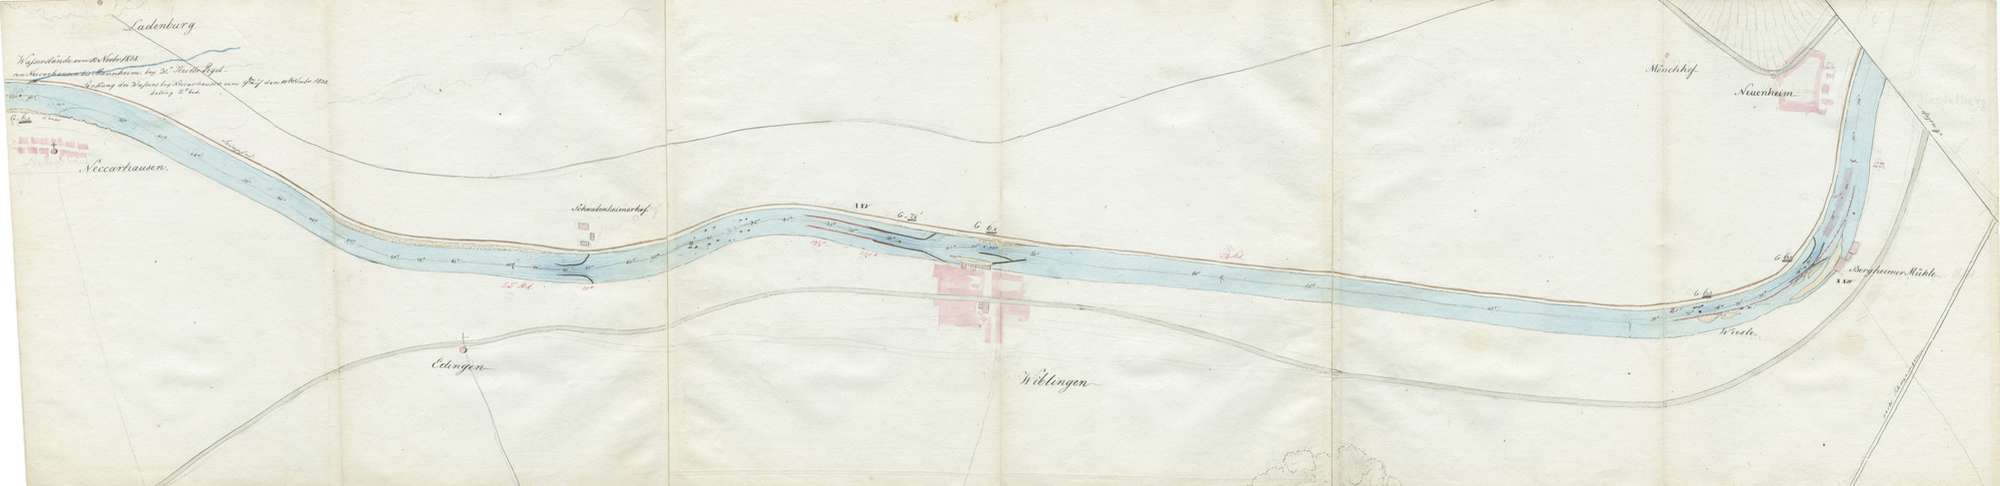 Karte über den Lauf des Neckars von Mannheim bis Heilbronn, Blatt V: Ladenburg - Heidelberg, Bild 1